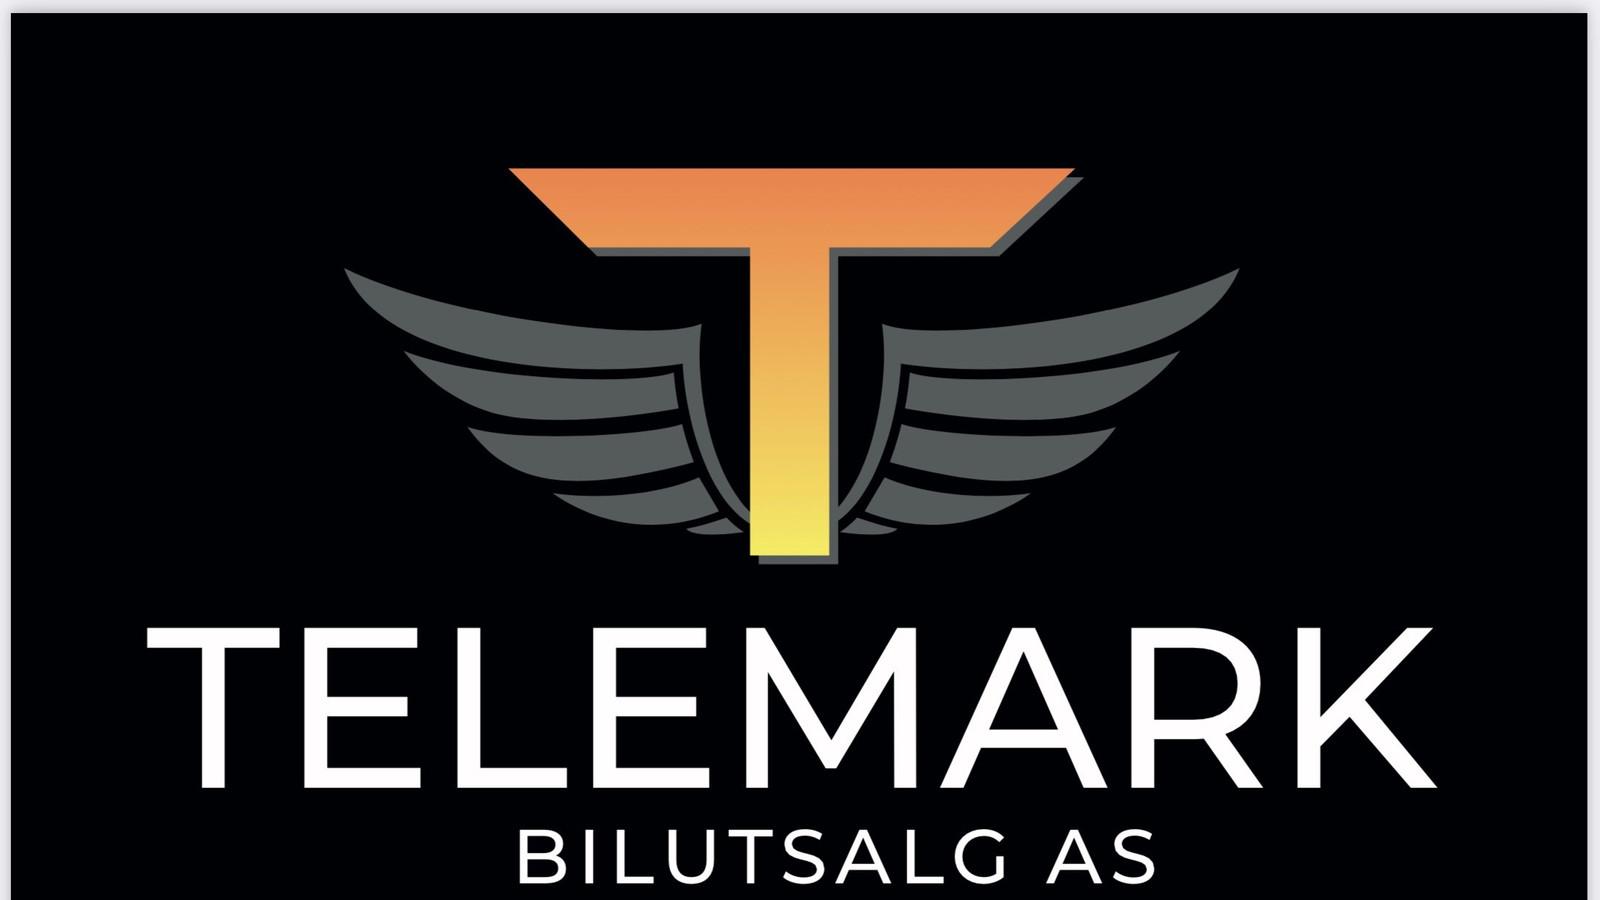 Telemark Bilutsalg AS